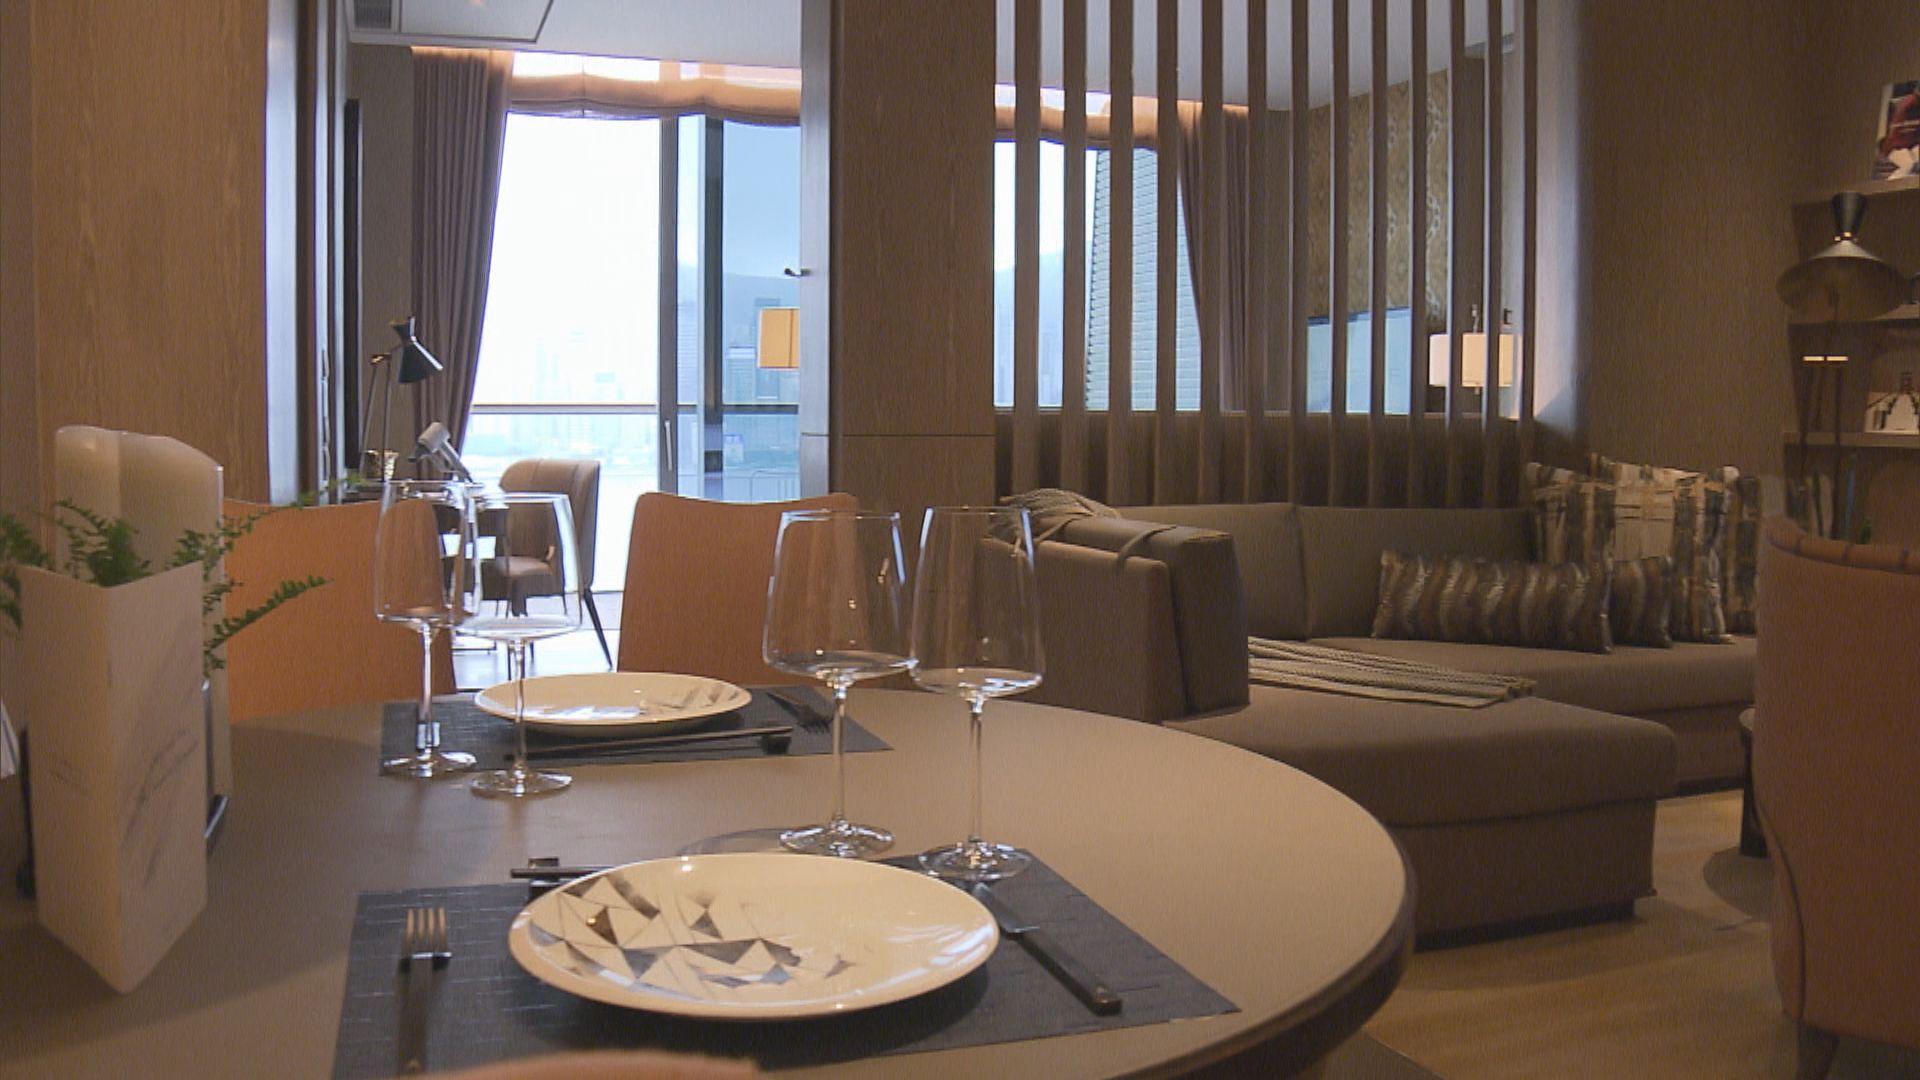 十一連假有酒店預訂率達七成 房價加兩成